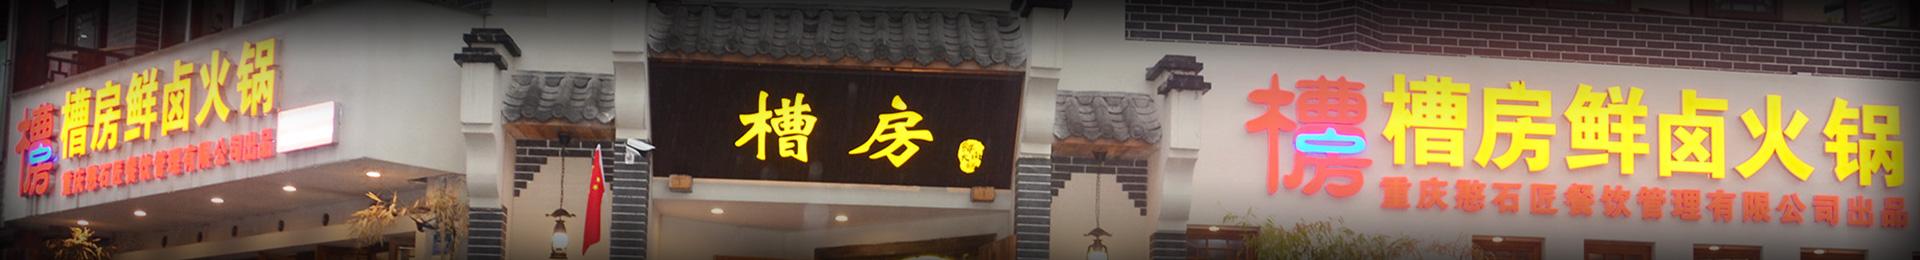 企业文化  /  槽房荣誉_槽房鲜菜火锅